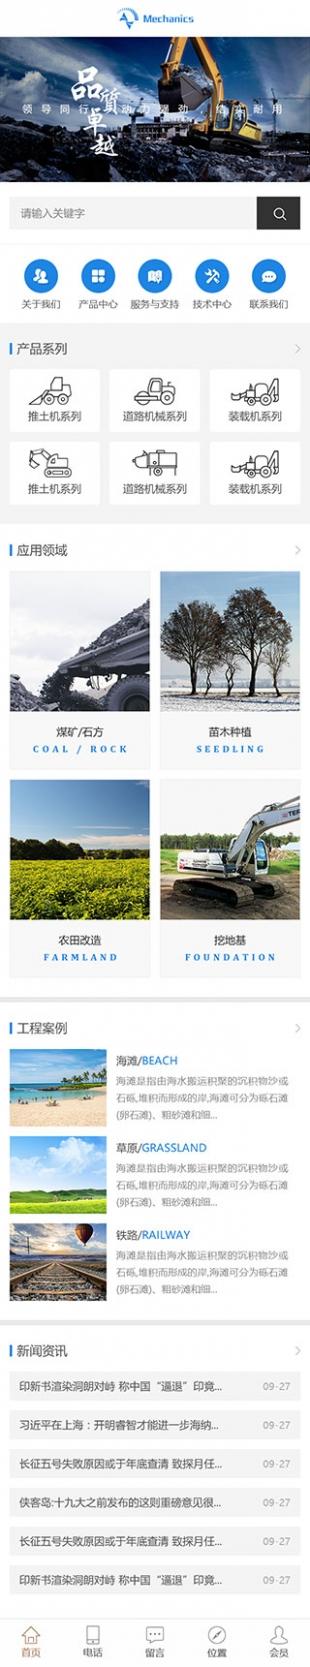 机械设备类网站通用模板手机图片